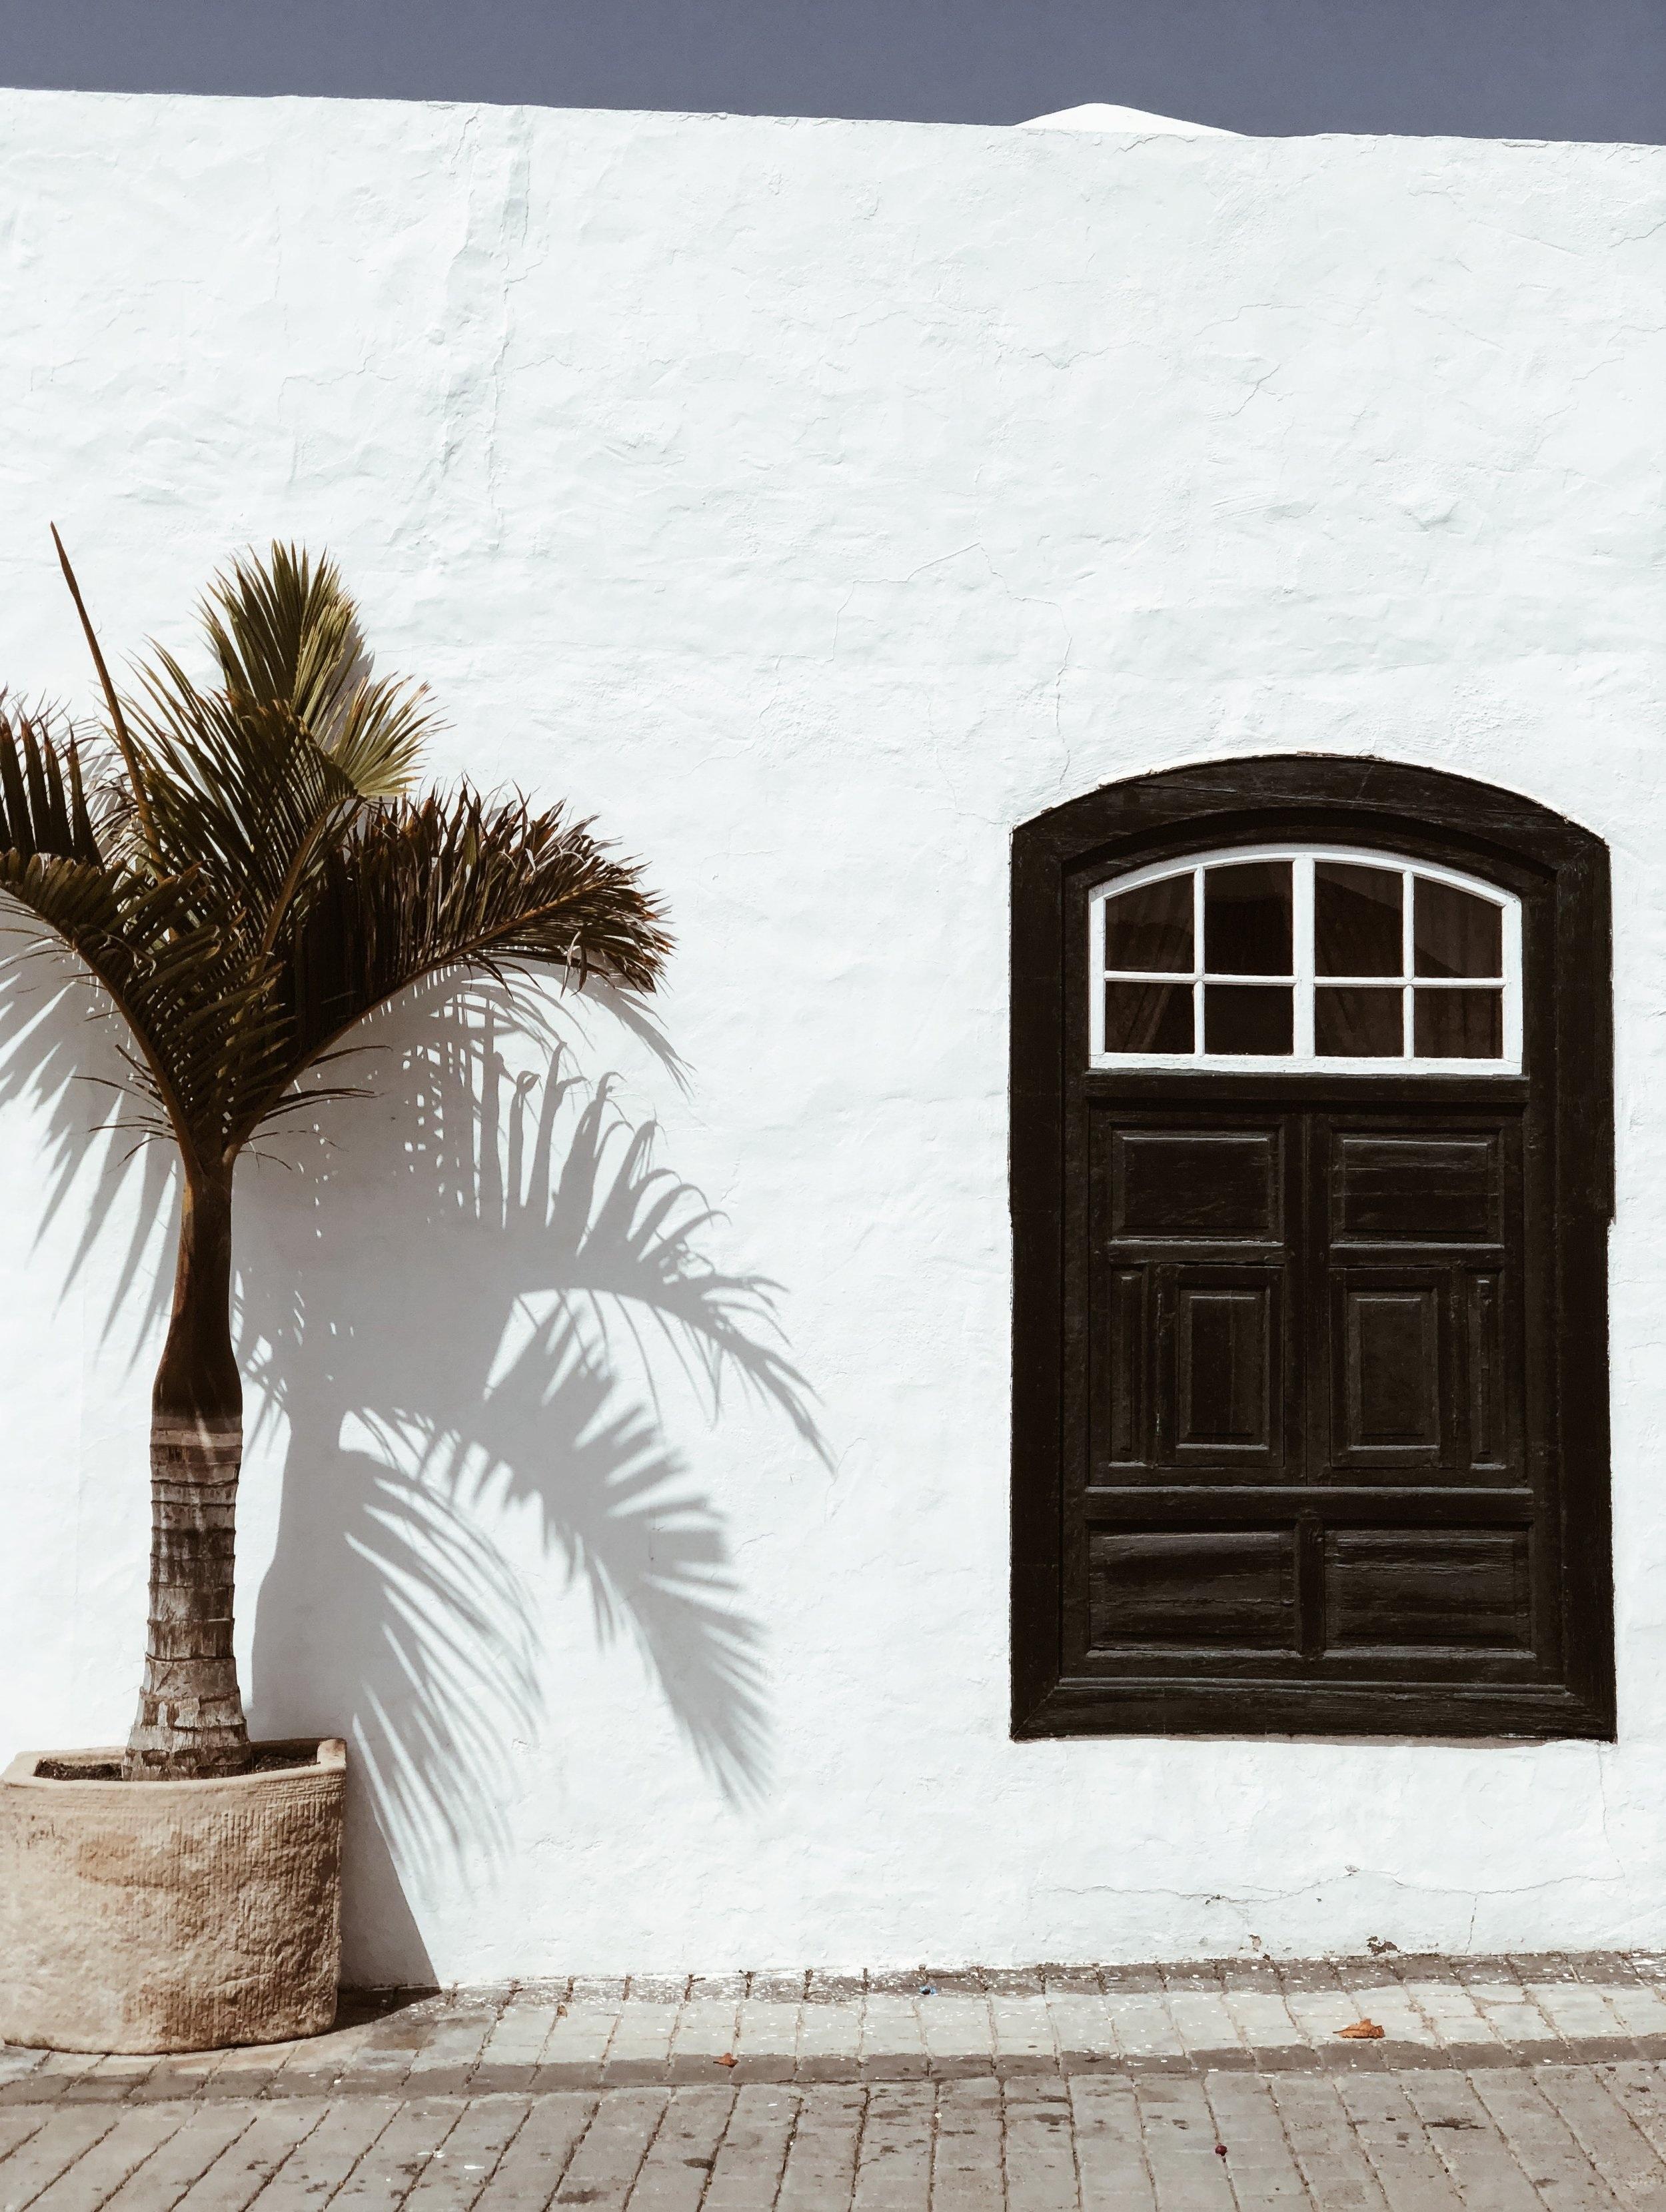 Carnet+Sauvage+-+Blog+mode+et+voyages%2C+direction+artistique+Lille+-+voyages+Lanzarote%2C+endroits+%C3%A0+ne+pas+rater